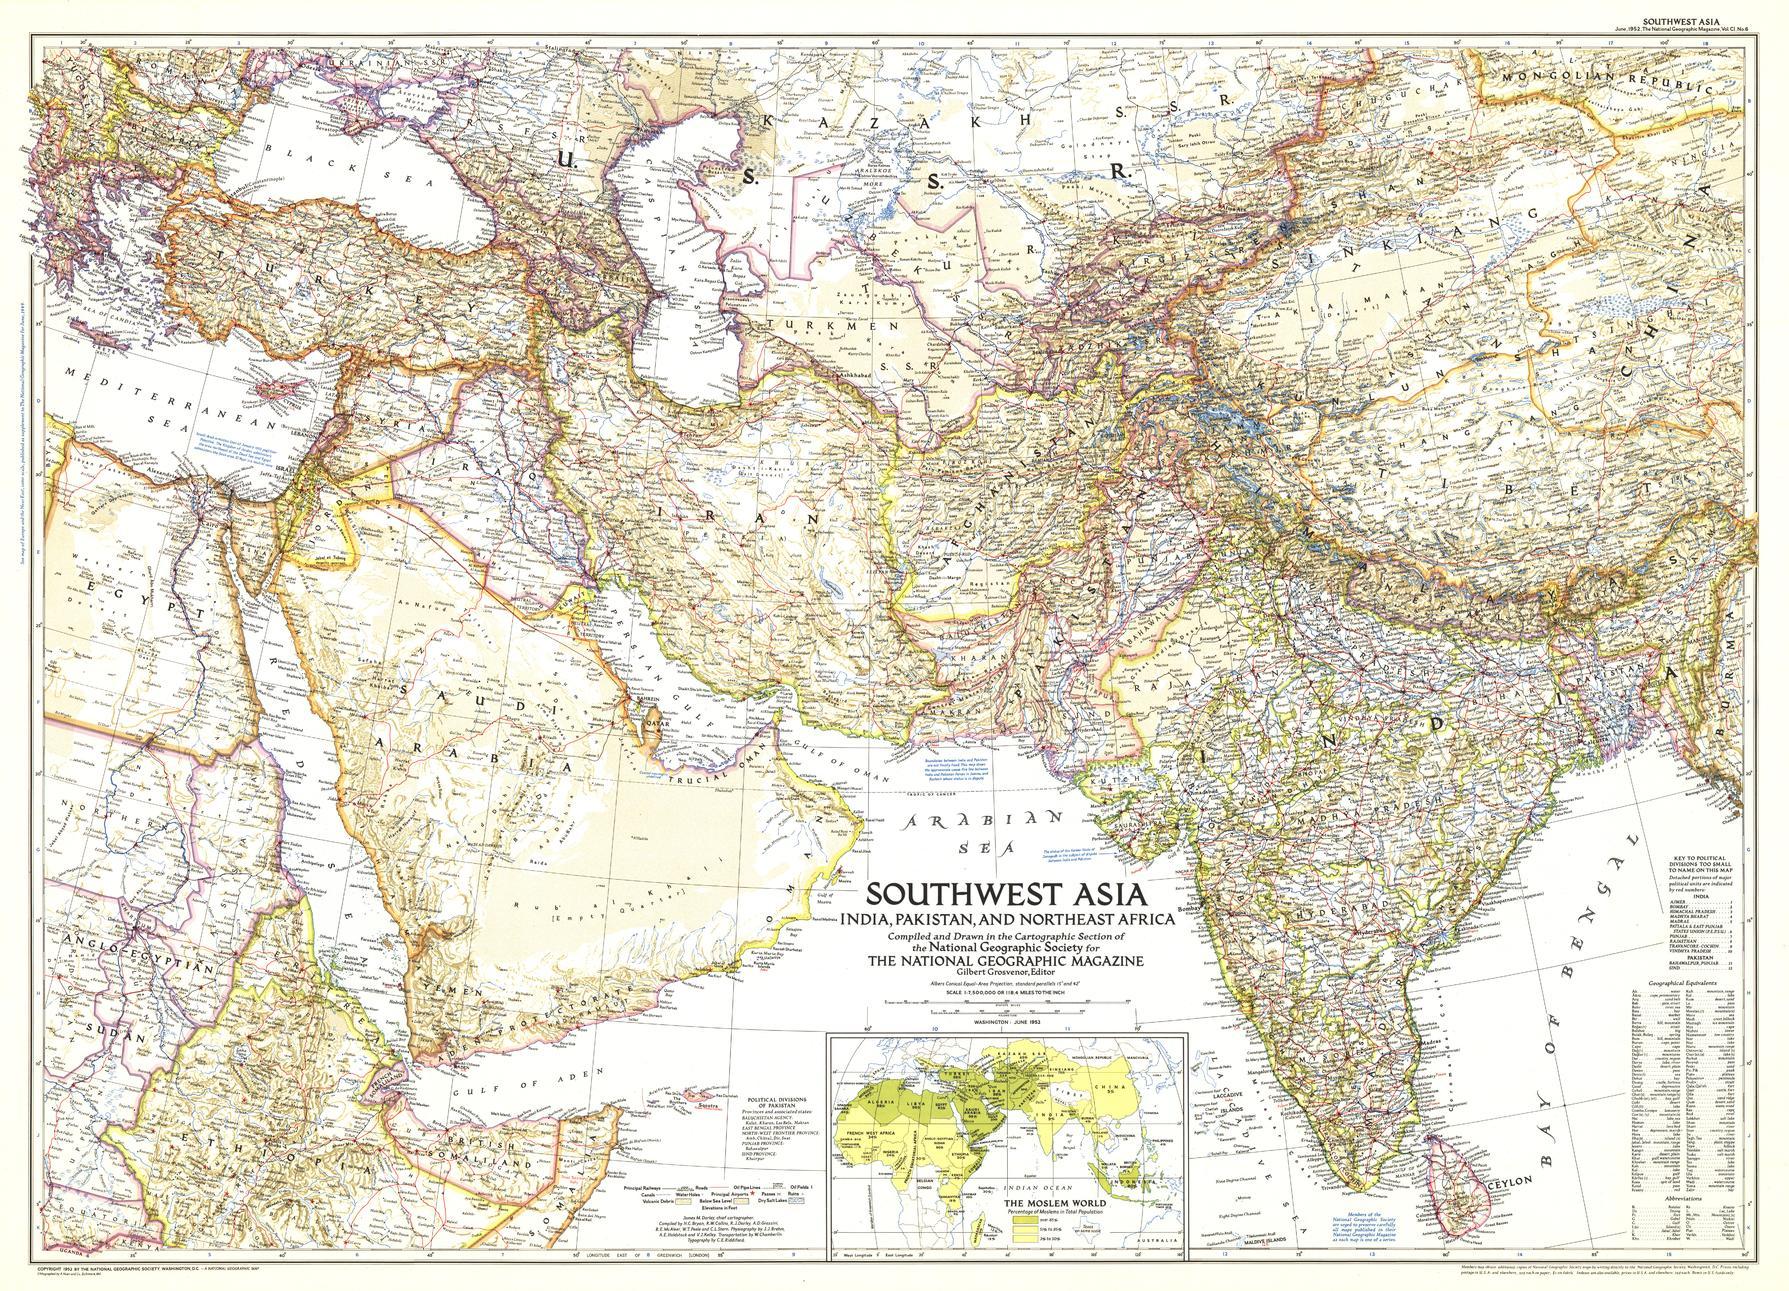 Southwest Asia - Published 1952